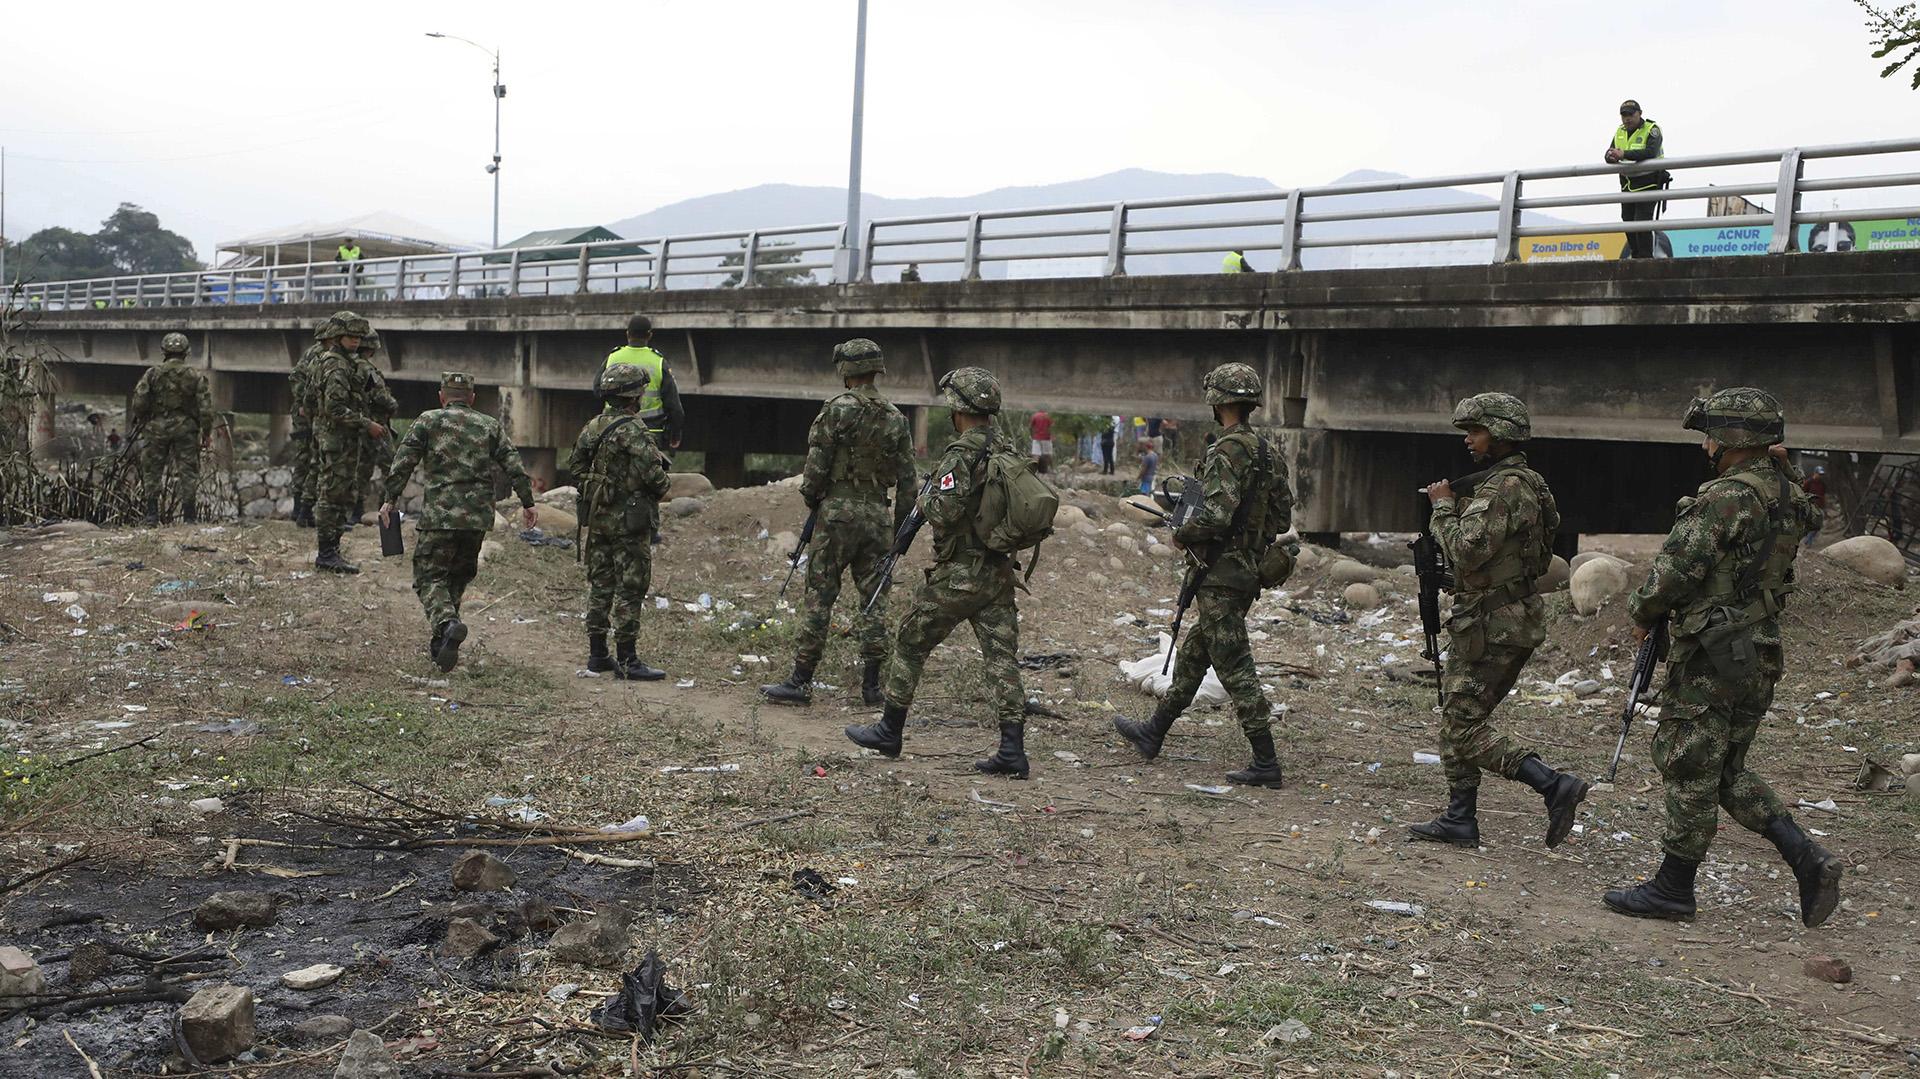 Soldados colombianos patrullan cerca el puente Simón Bolívar en la frontera con Venezuela. (AP Photo/Fernando Vergara)